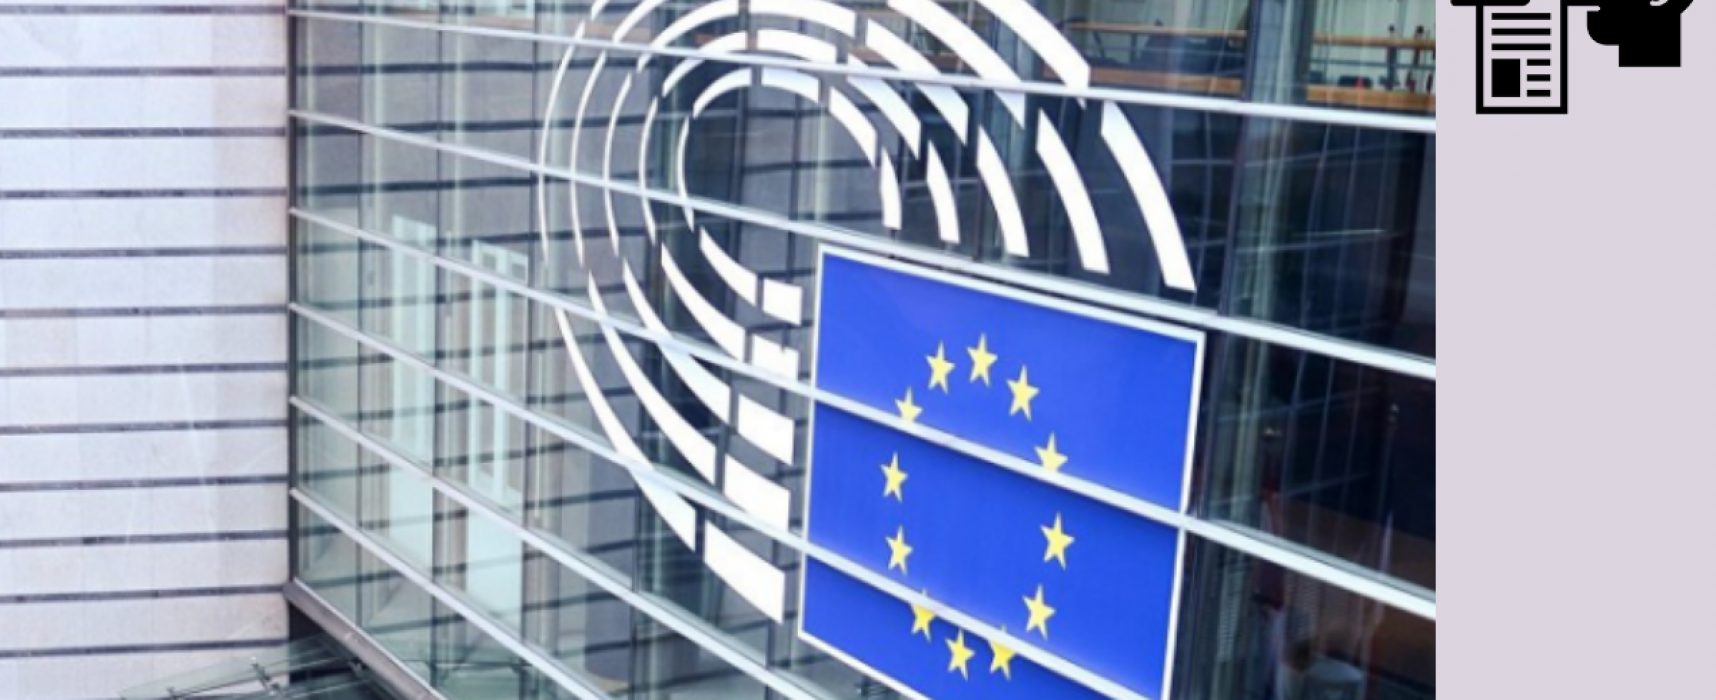 Fake: EU plant Kolonisation anderer Länder und setzt neue Methoden dafür ein